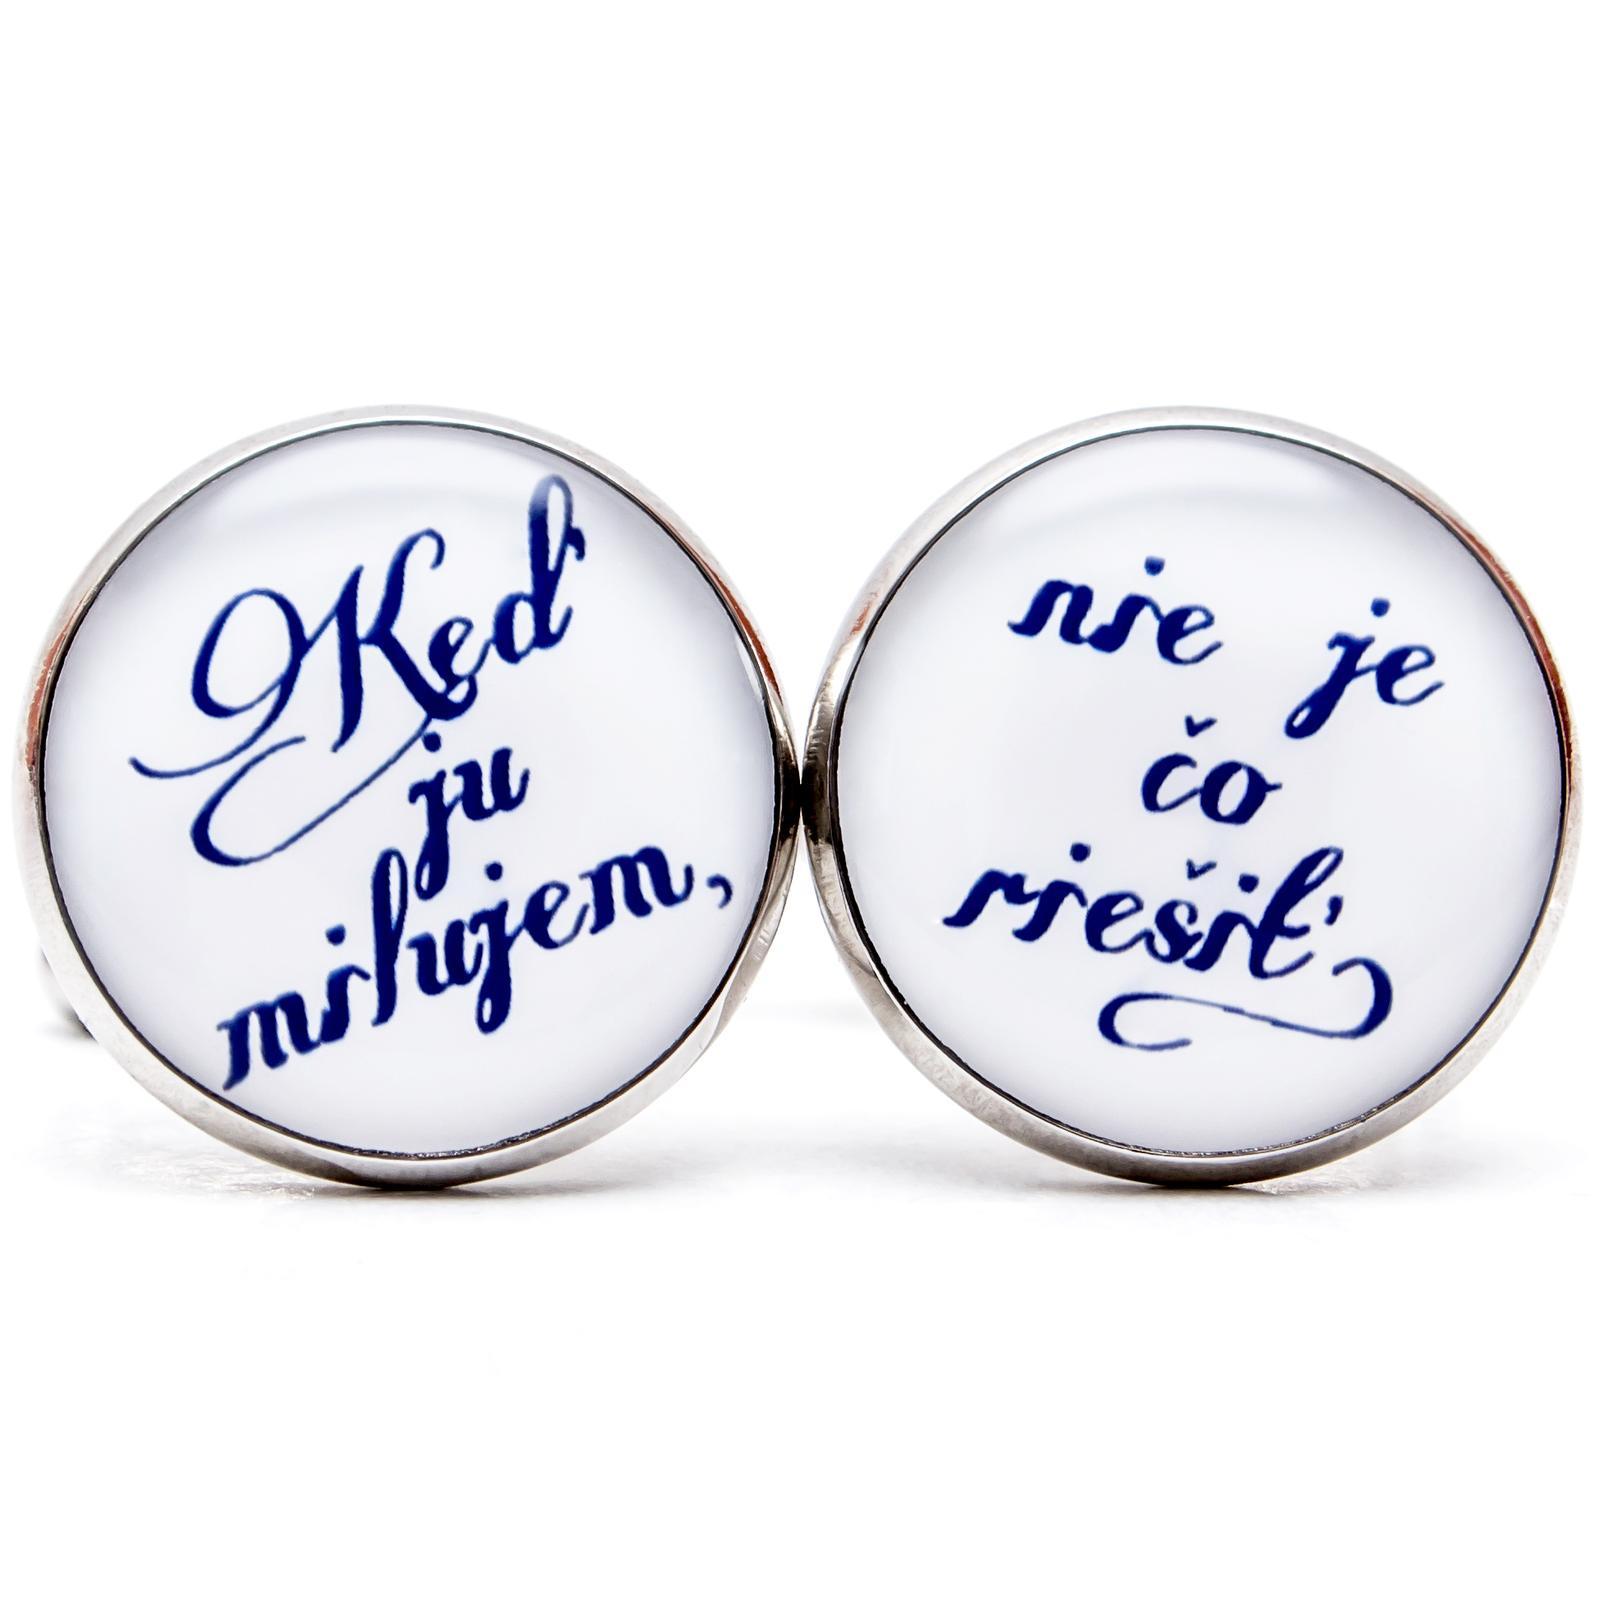 ♥  Manžetové gombíky na mieru - presne podľa Tvojich predstáv ♥ - Keď ju milujem, nie je čo riešiť - v modrom